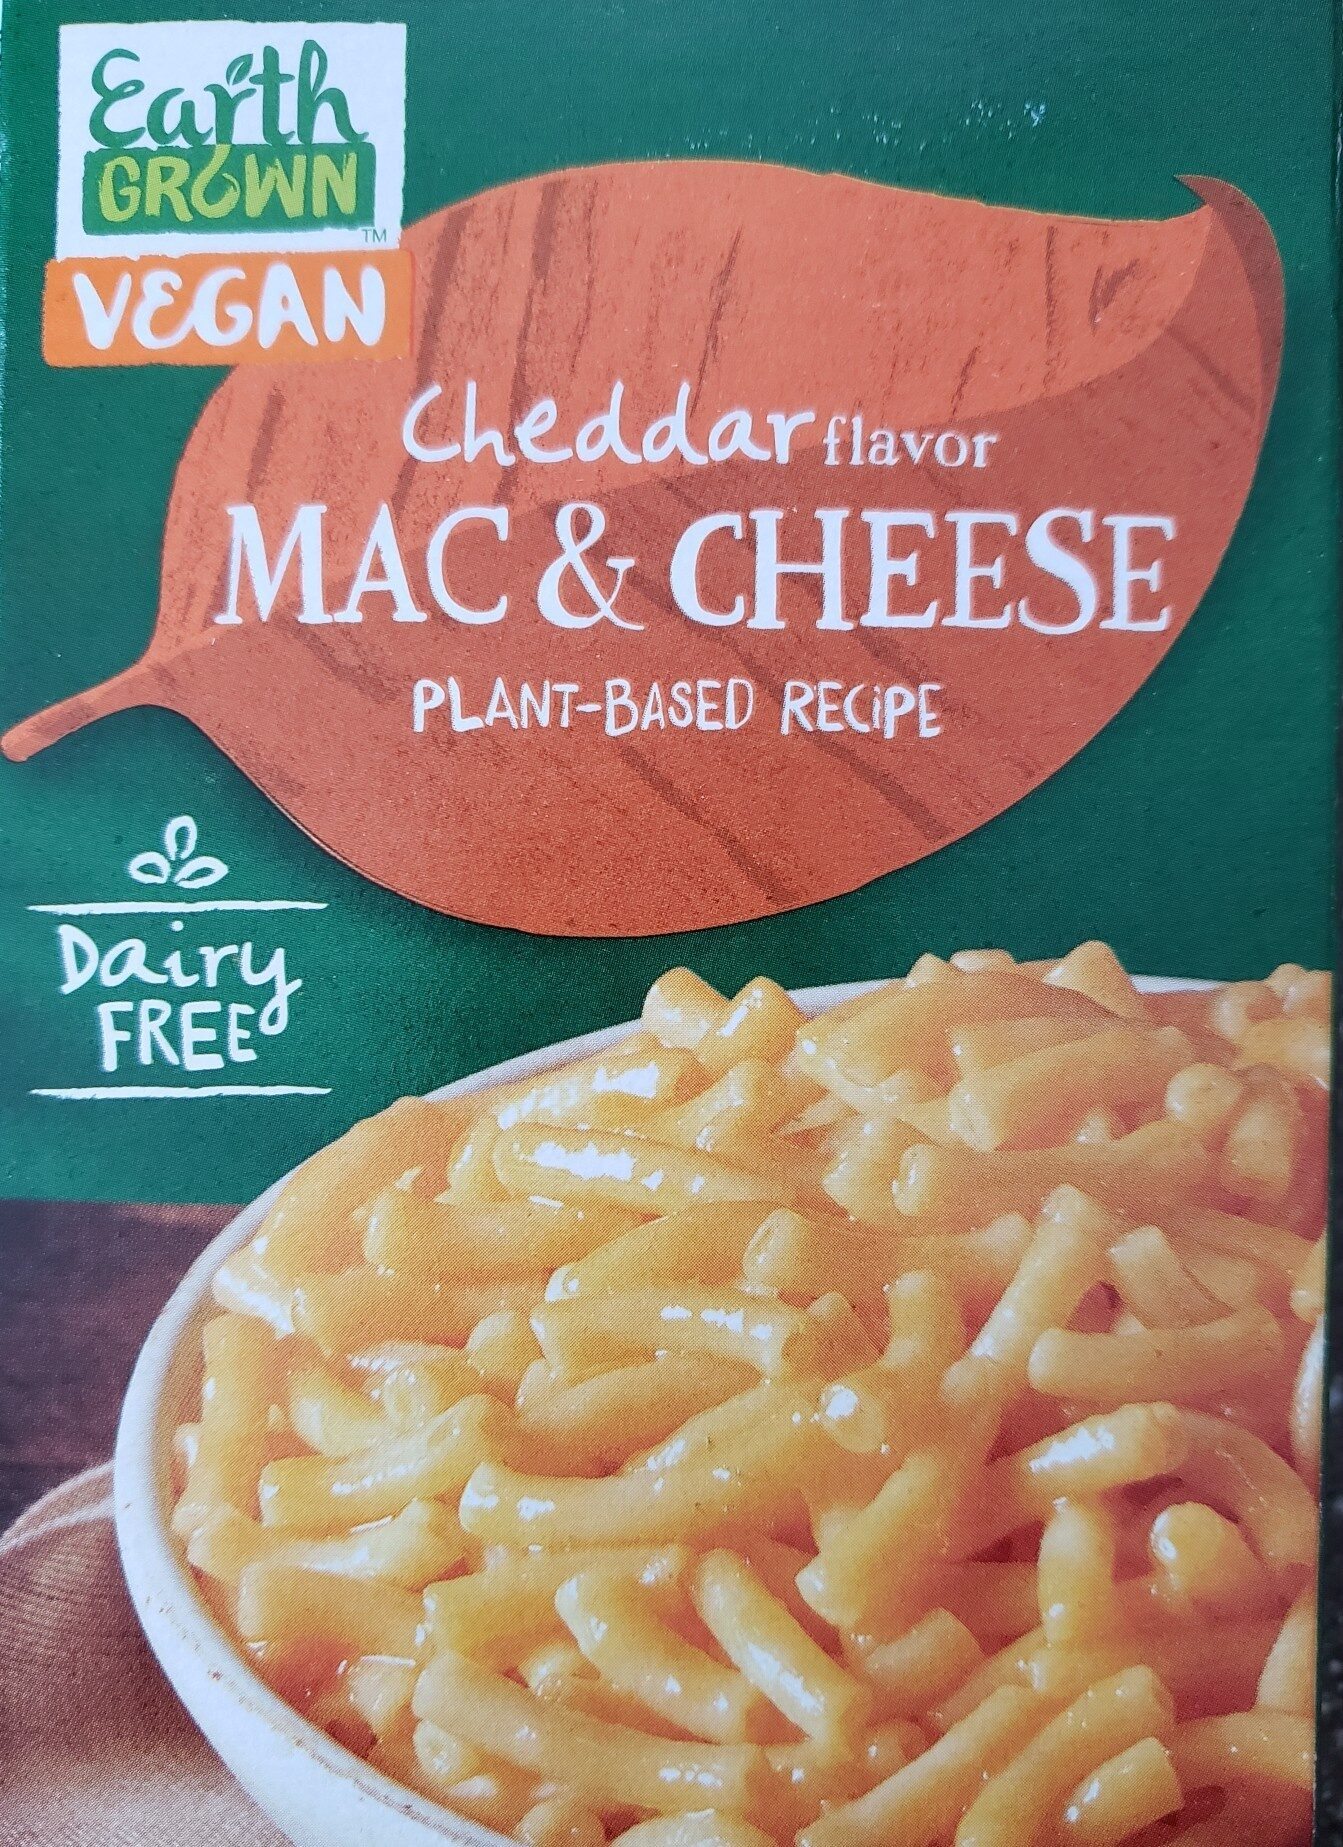 Earth Grown Vegan Mac & Cheese - Product - en